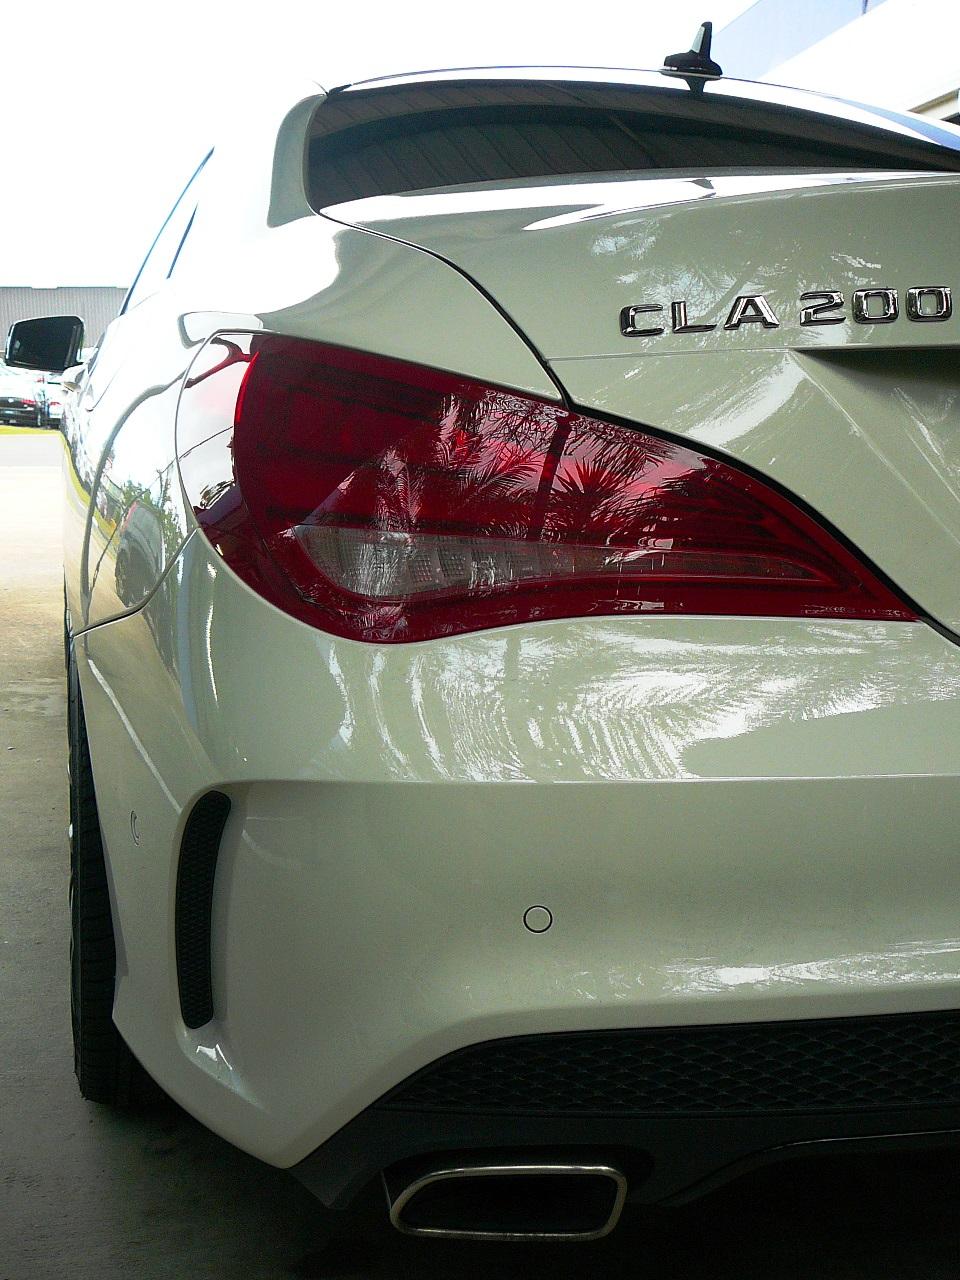 Mercedes Benz CLA, Focal 165KR2 Speaker Upgrade, Pioneer Amplifier